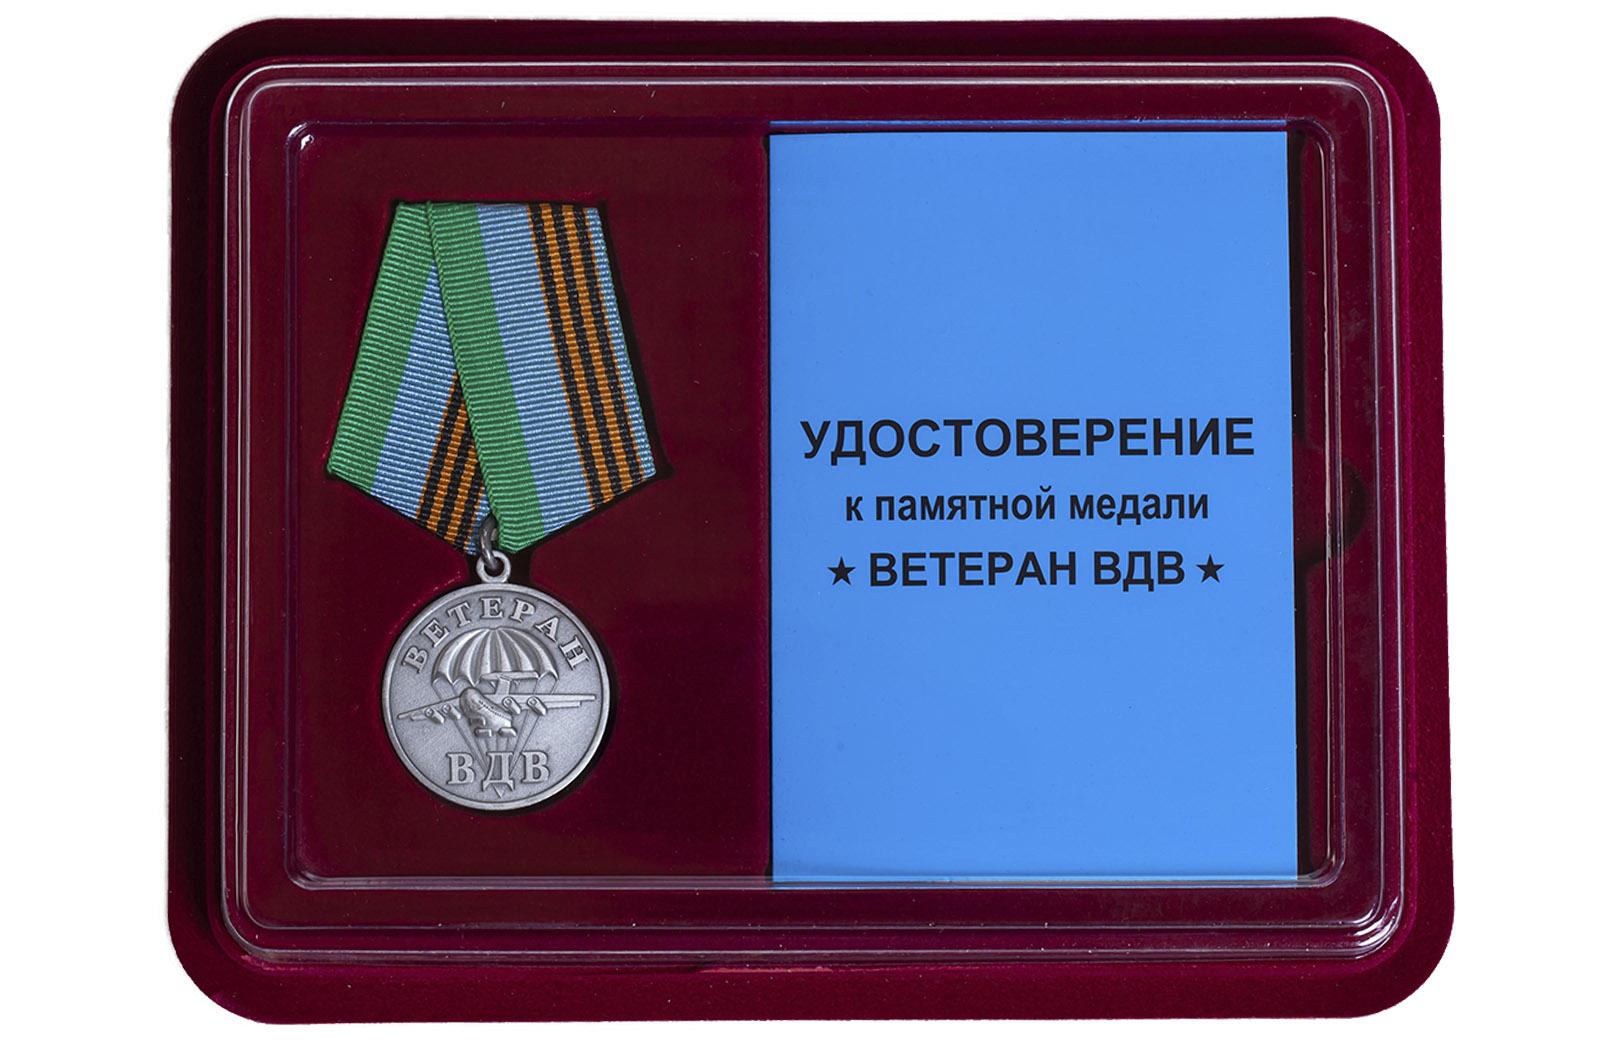 Медаль ВДВ Ветеран серебряная в футляре с удостоверением